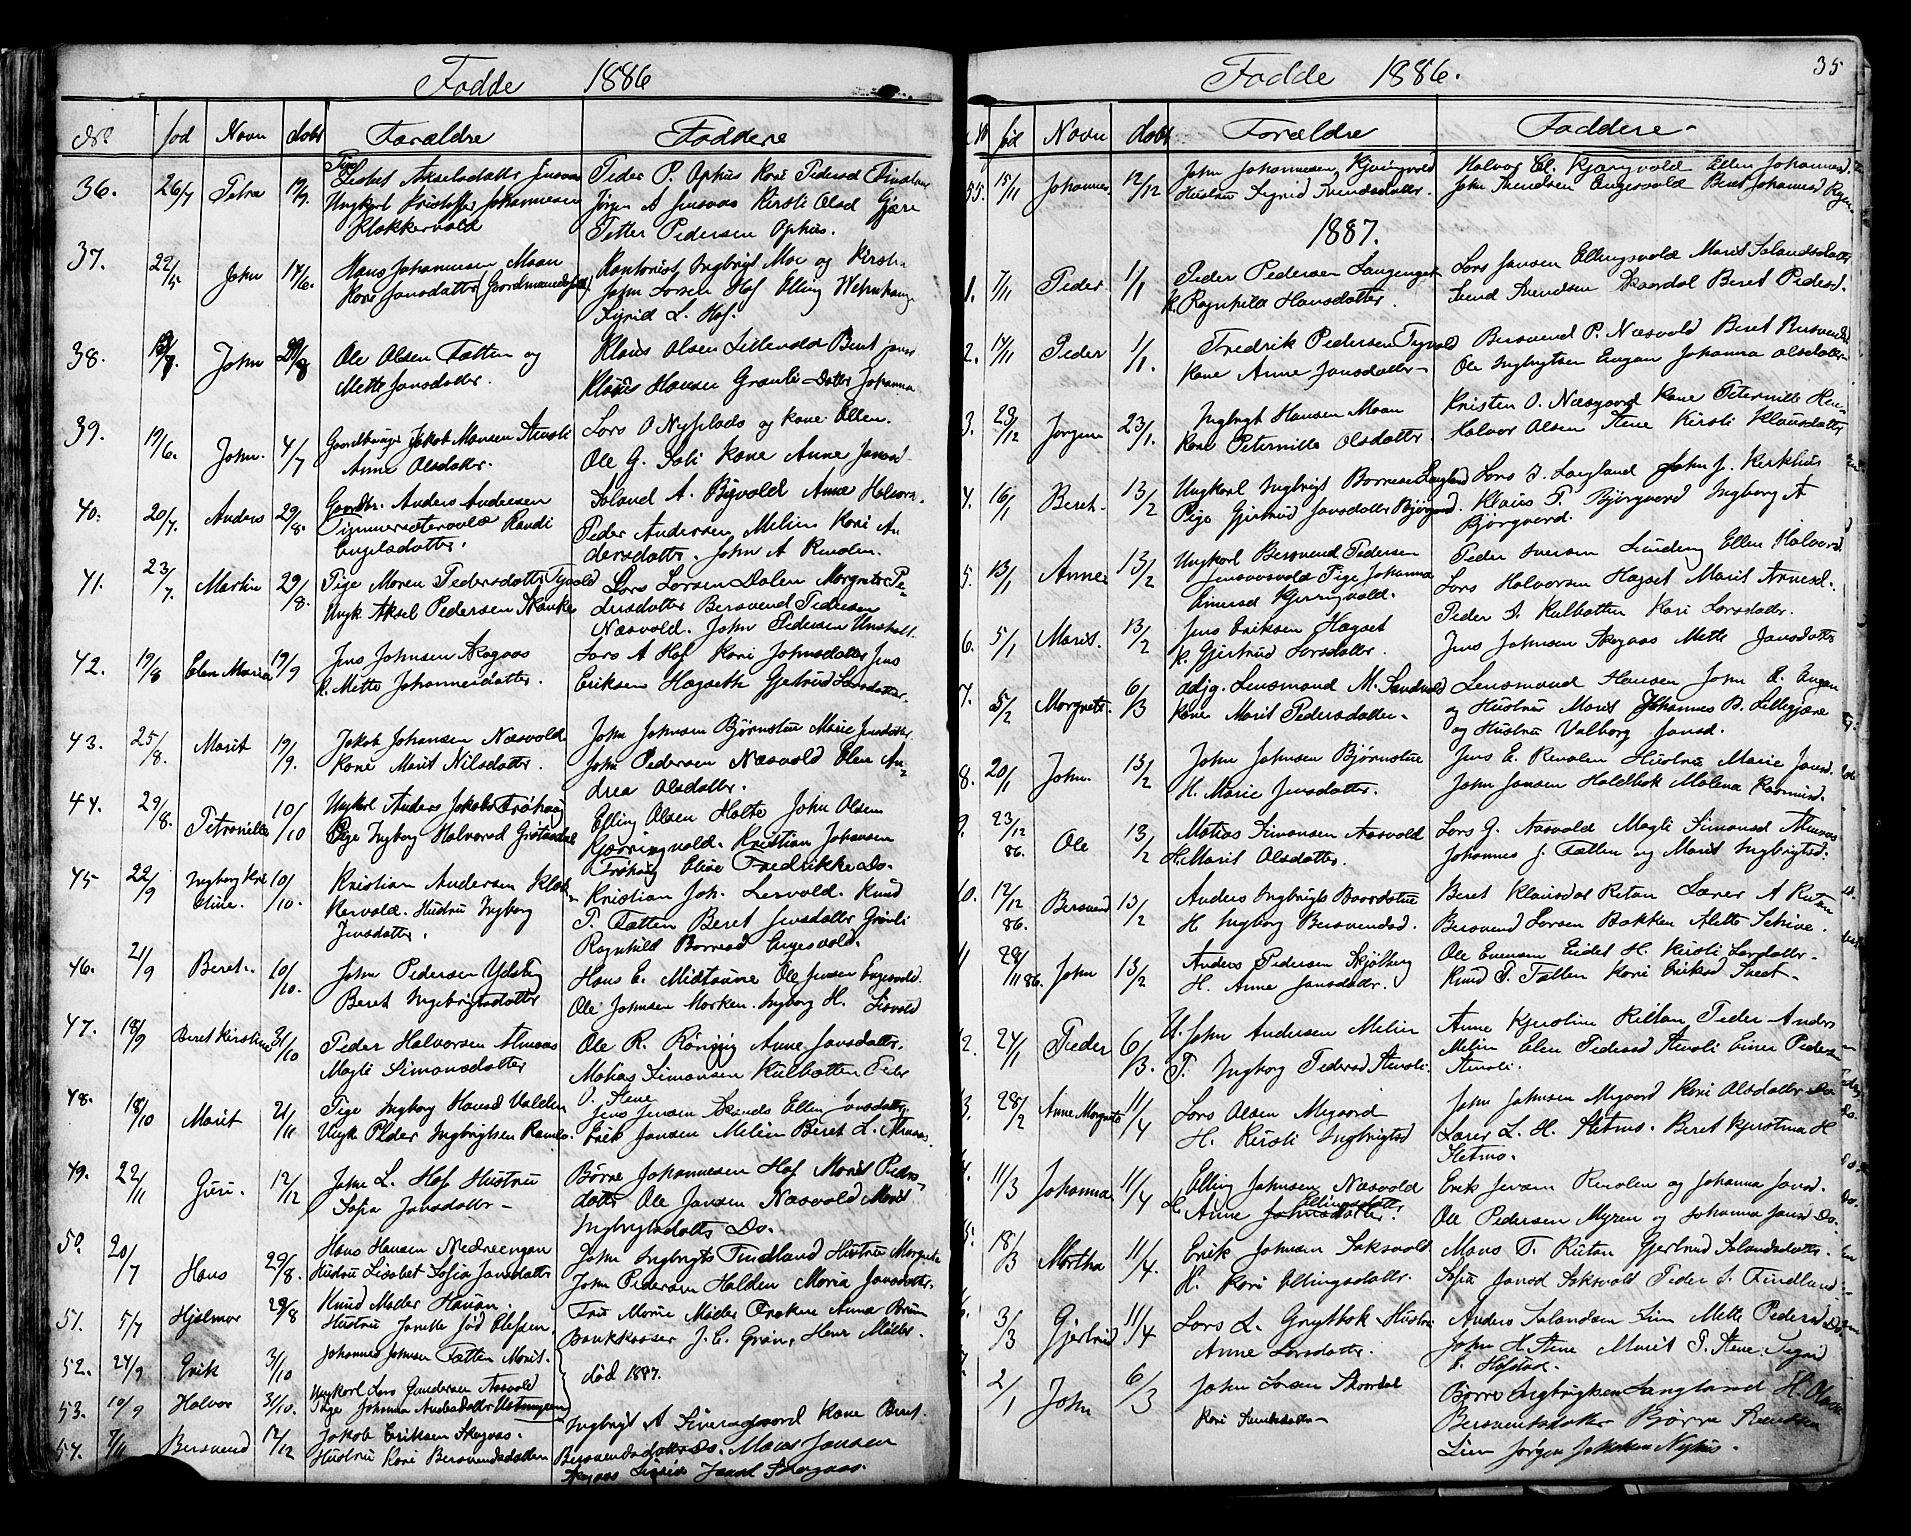 SAT, Ministerialprotokoller, klokkerbøker og fødselsregistre - Sør-Trøndelag, 686/L0985: Klokkerbok nr. 686C01, 1871-1933, s. 35